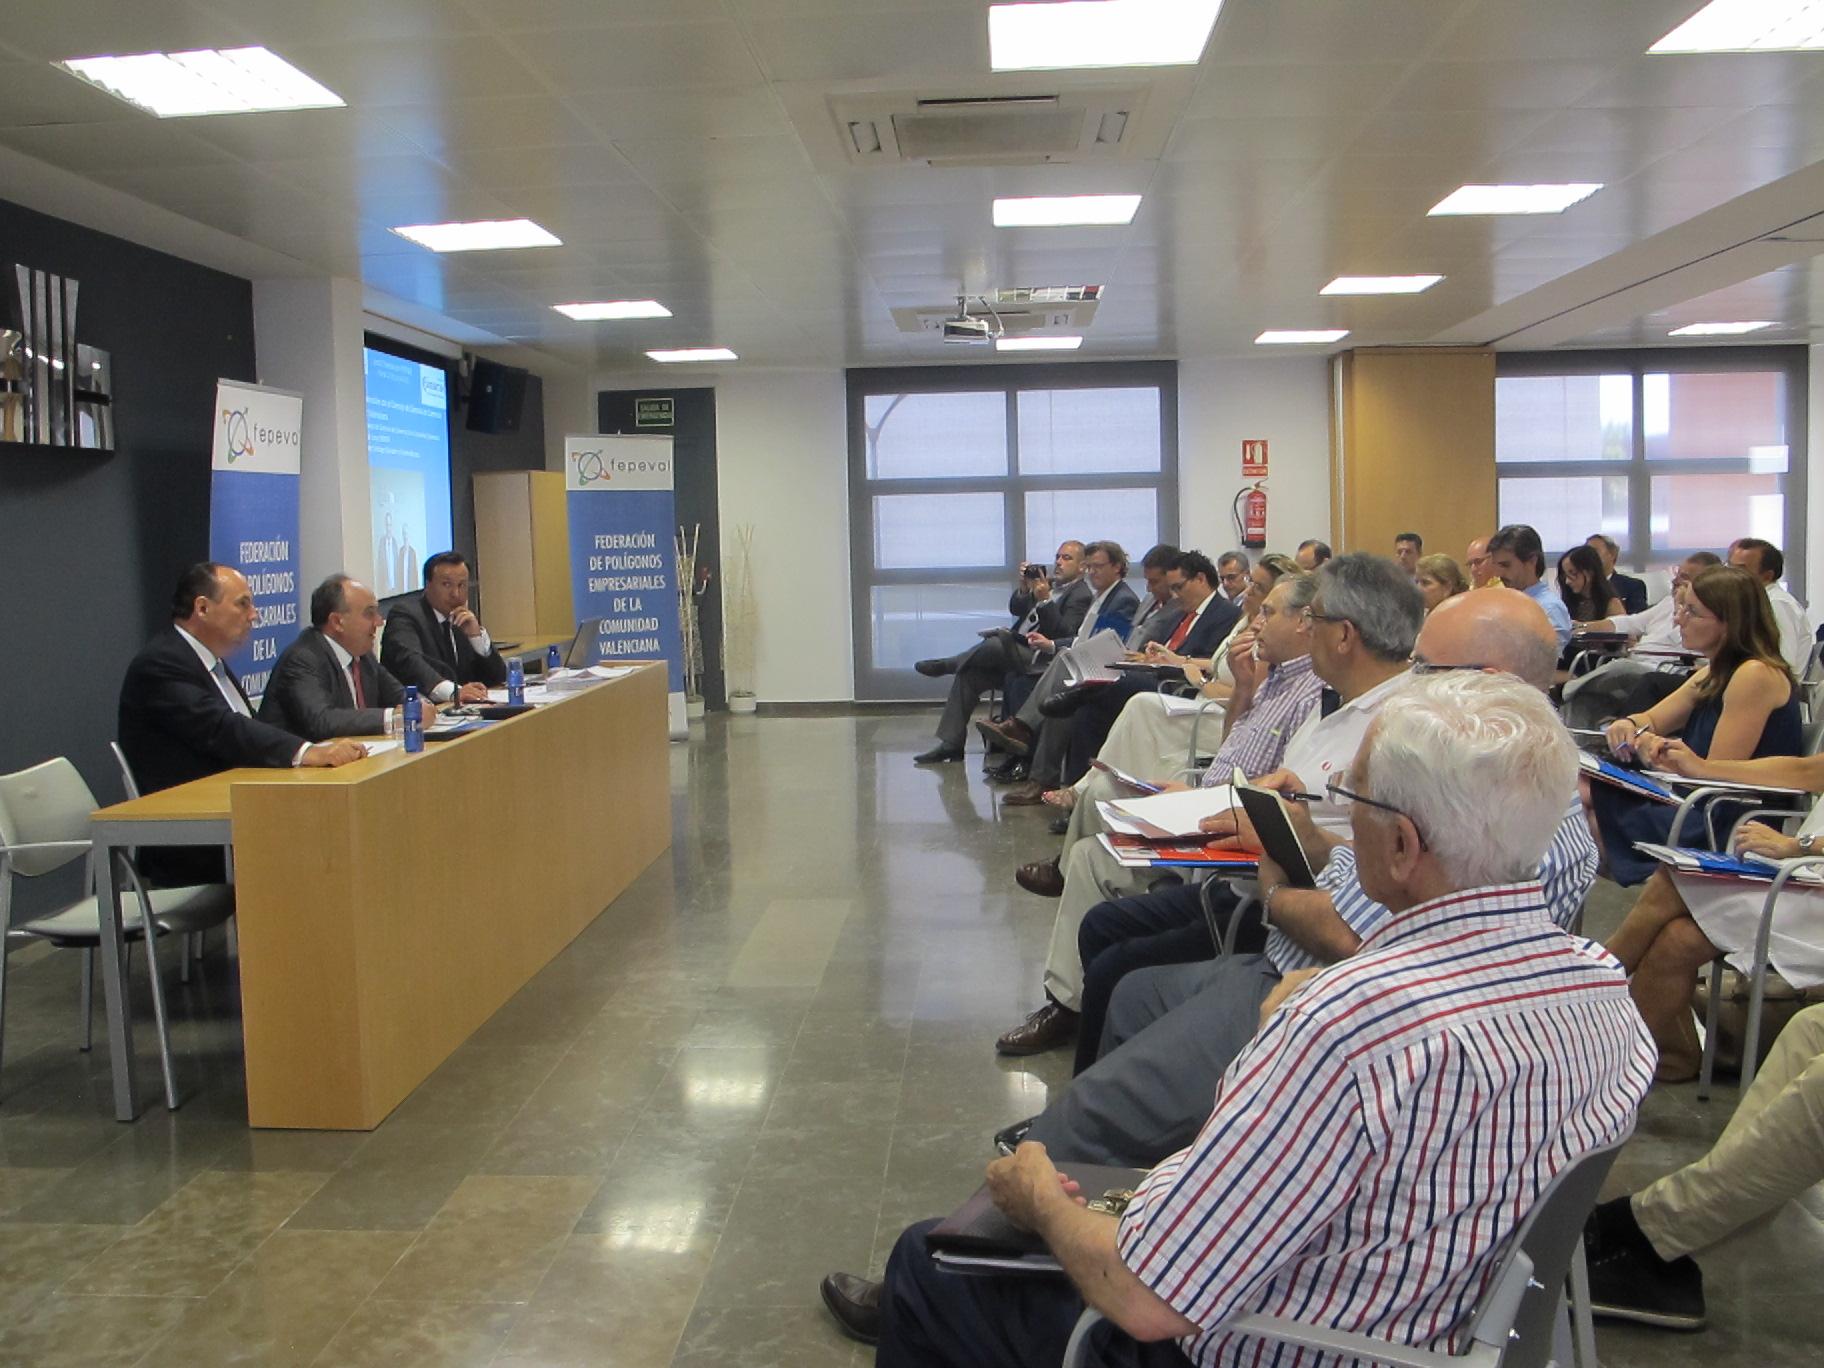 FEPEVAL celebra reunión de su junta directiva en ASIVALCO y firma un acuerdo de colaboración con el Consejo de Cámaras de Comercio de la Comunitat Valenciana.